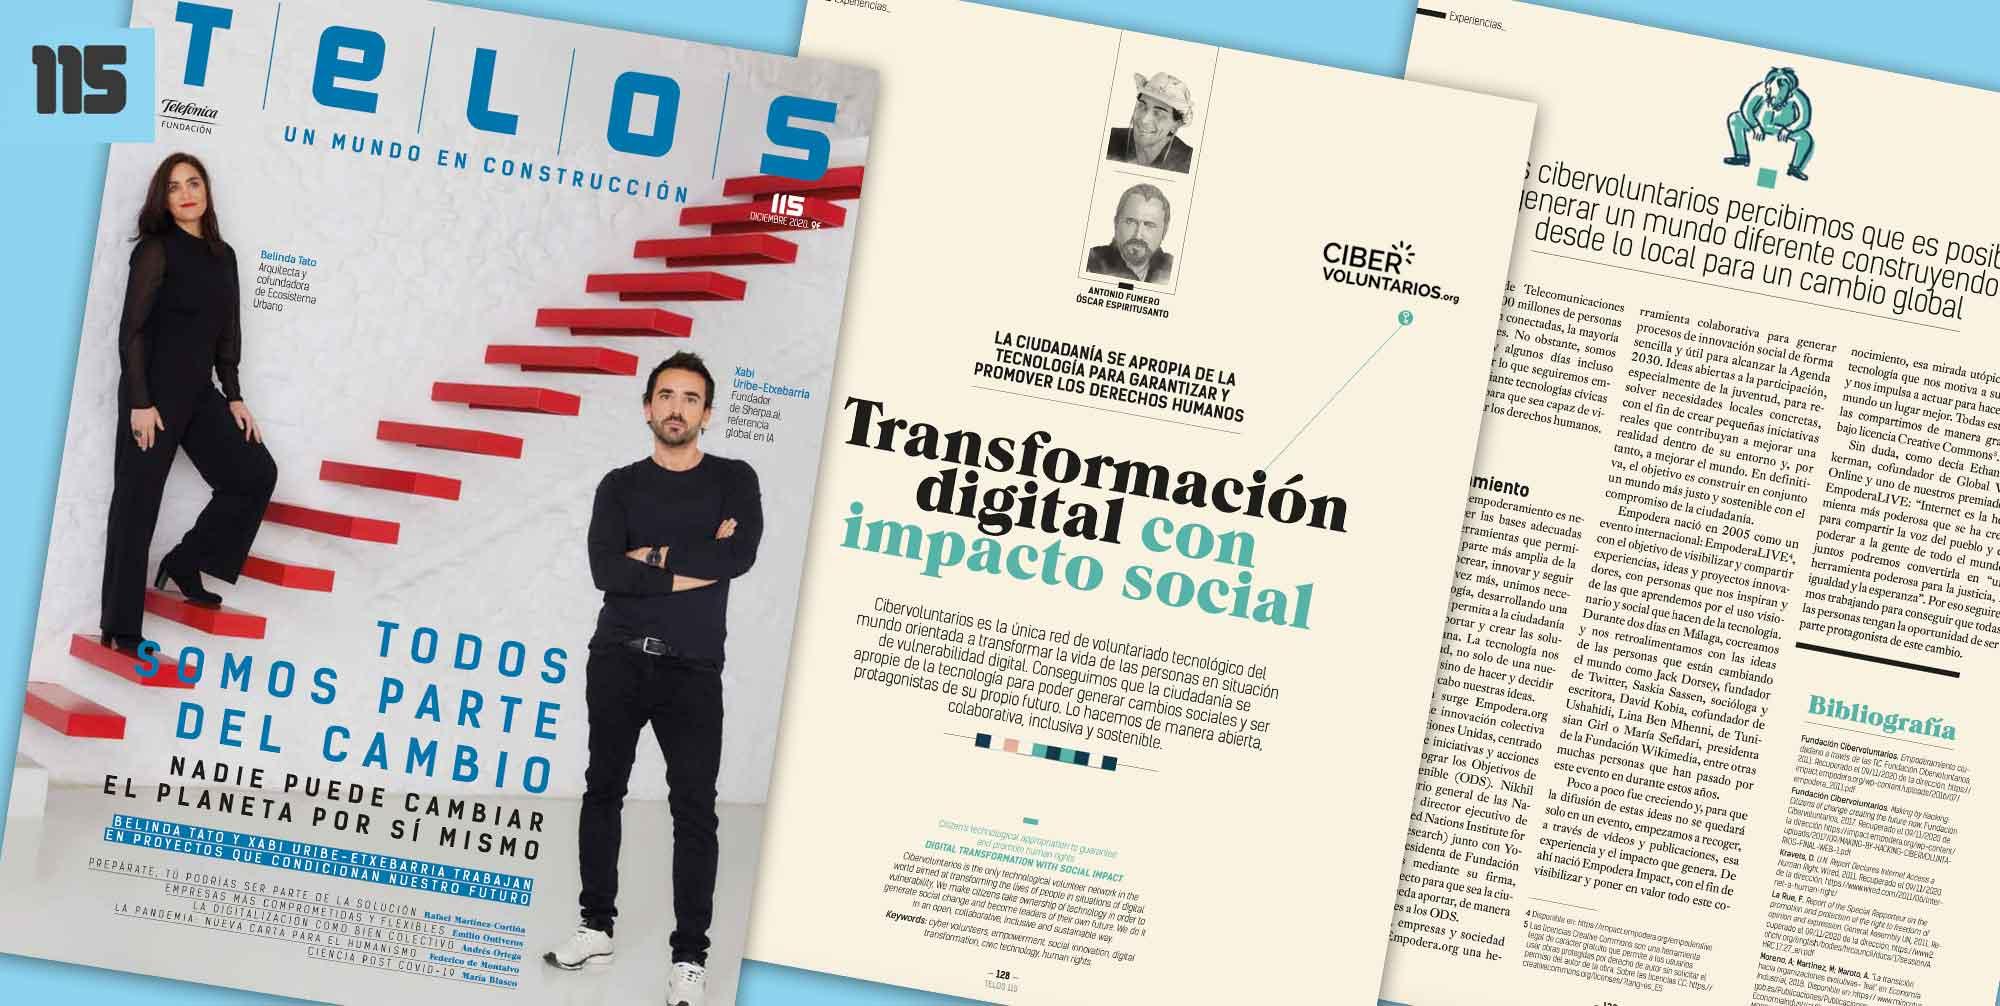 Transformación digital con impacto social: nuevo artículo de Cibervoluntarios en la Revista Telos